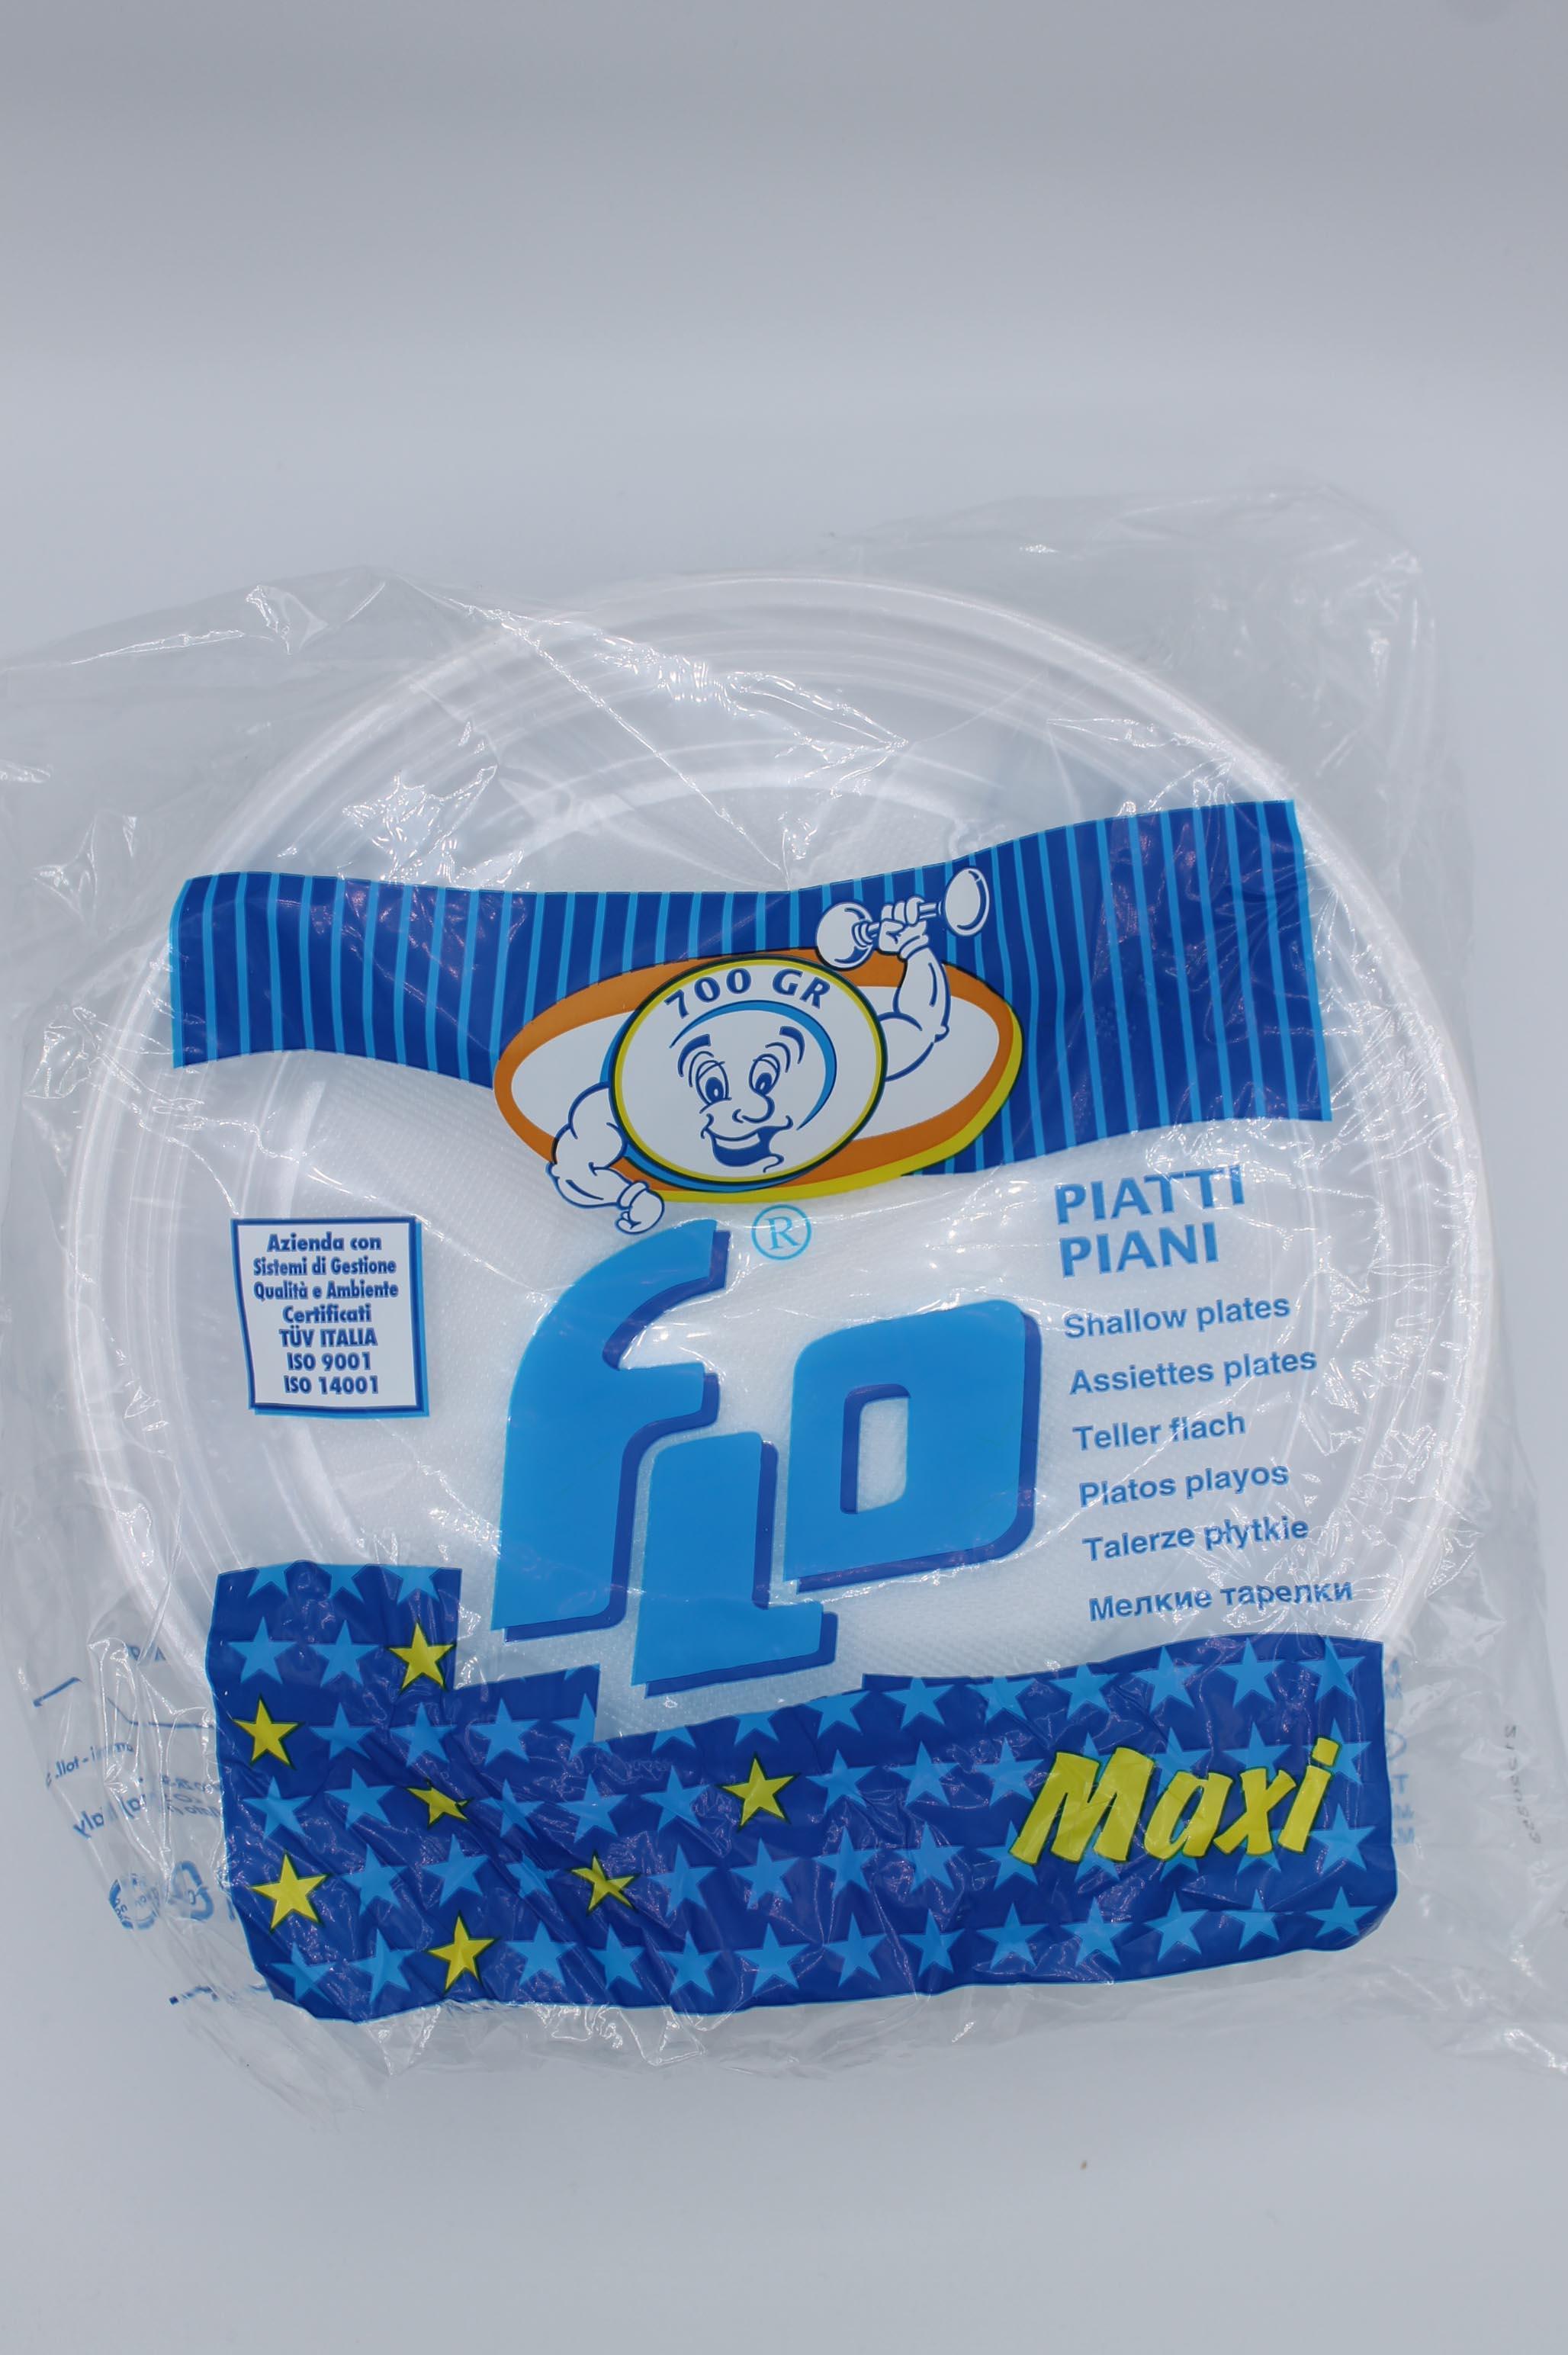 Bibo piatti di plastica 700gr vari formati.